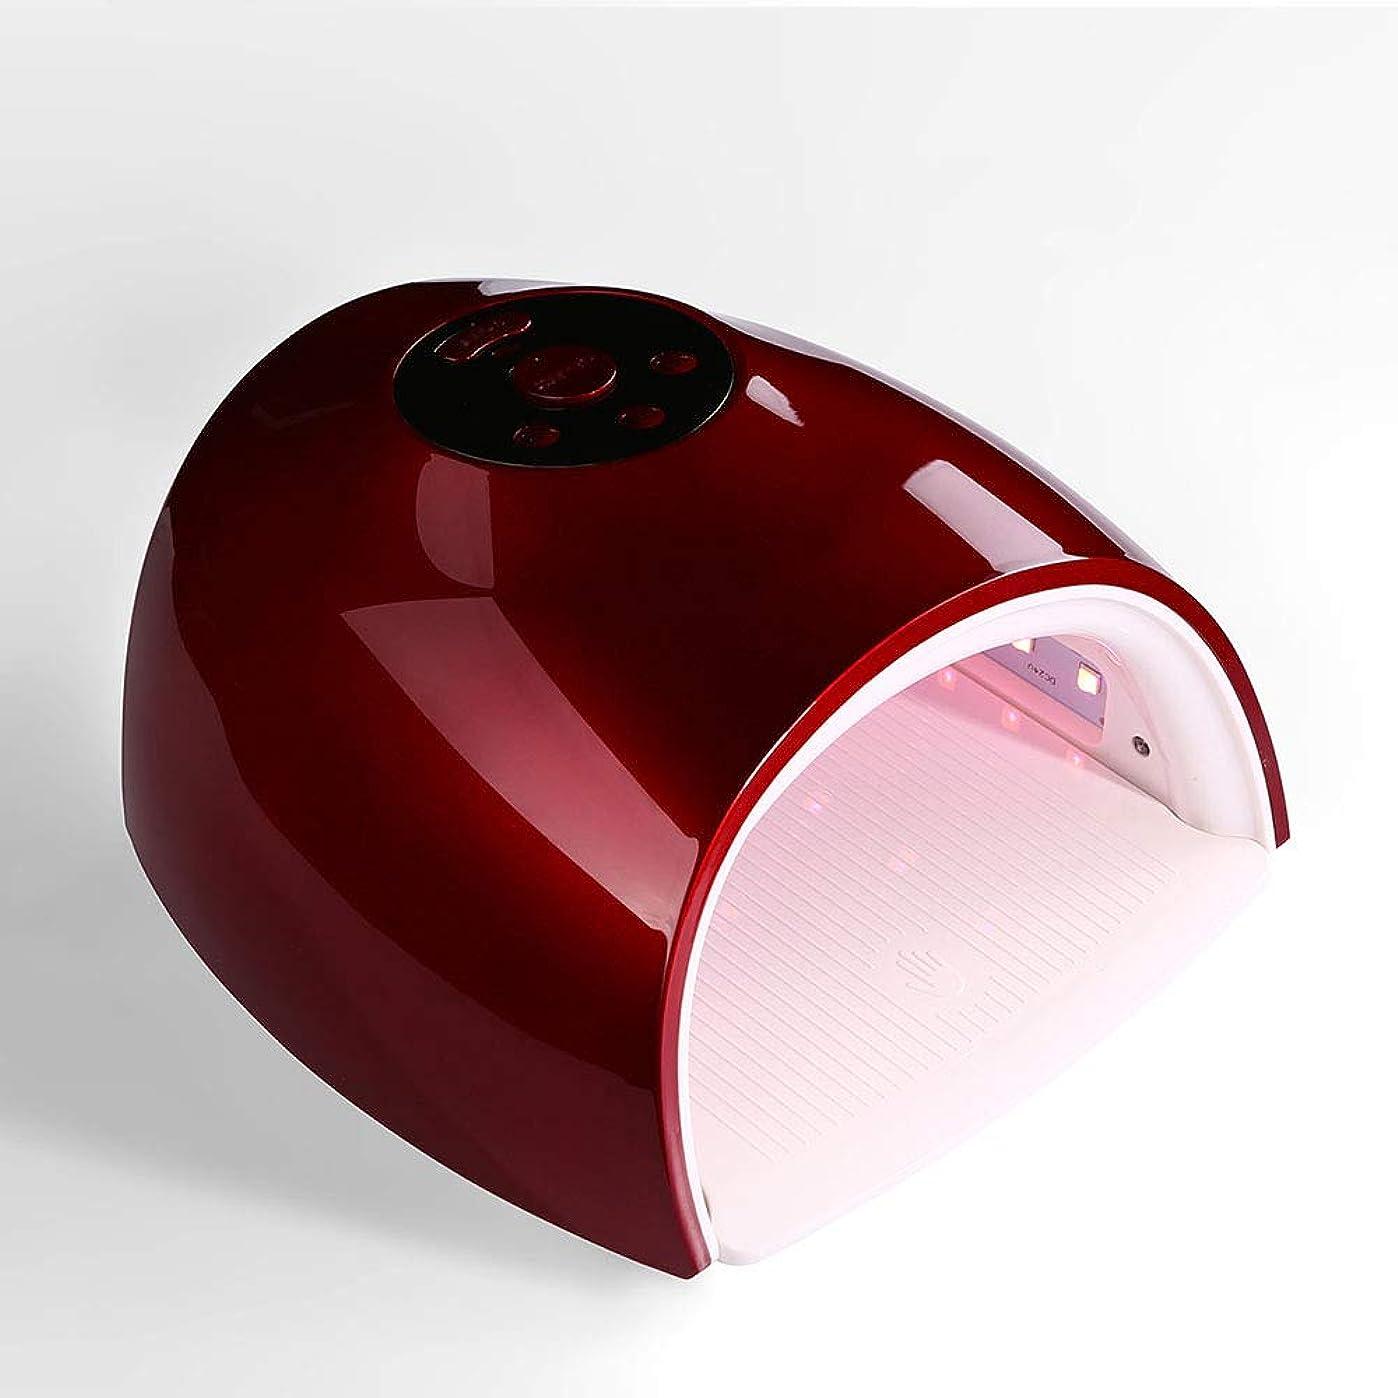 派生する地理力学釘ドライヤー - 自動赤外線センサー、二重光源のLedランプのゲルのドライヤーのマニキュアが付いている紫外線携帯用Ledの釘ランプ